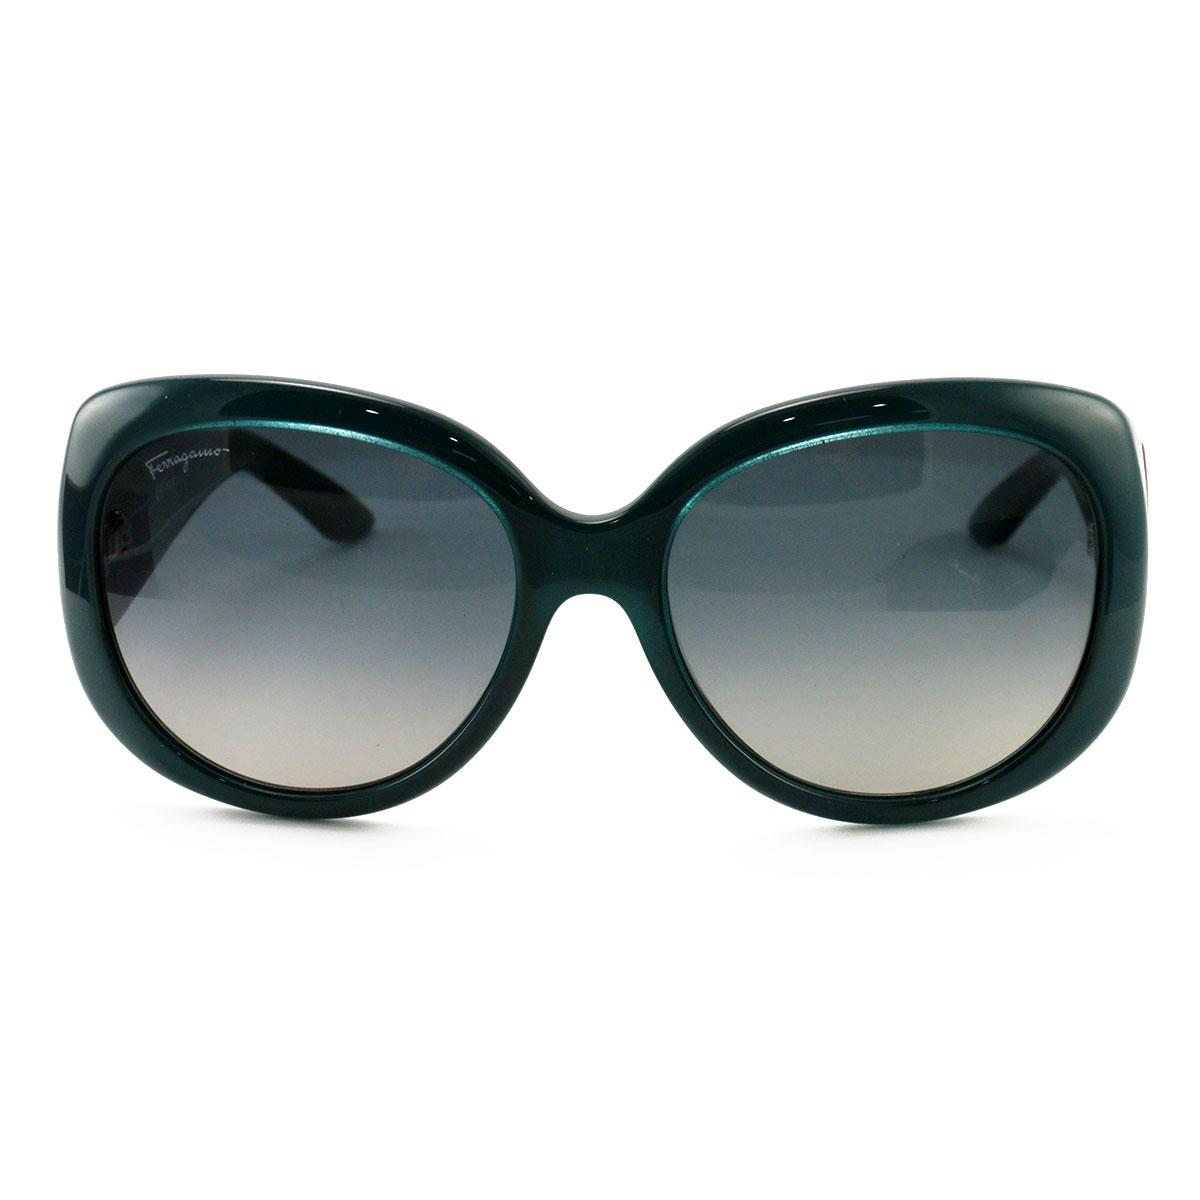 aa825cc86e4 Salvatore Ferragamo Women´s Sunglasses SF721S 416 Petrol Blue 55 17 ...